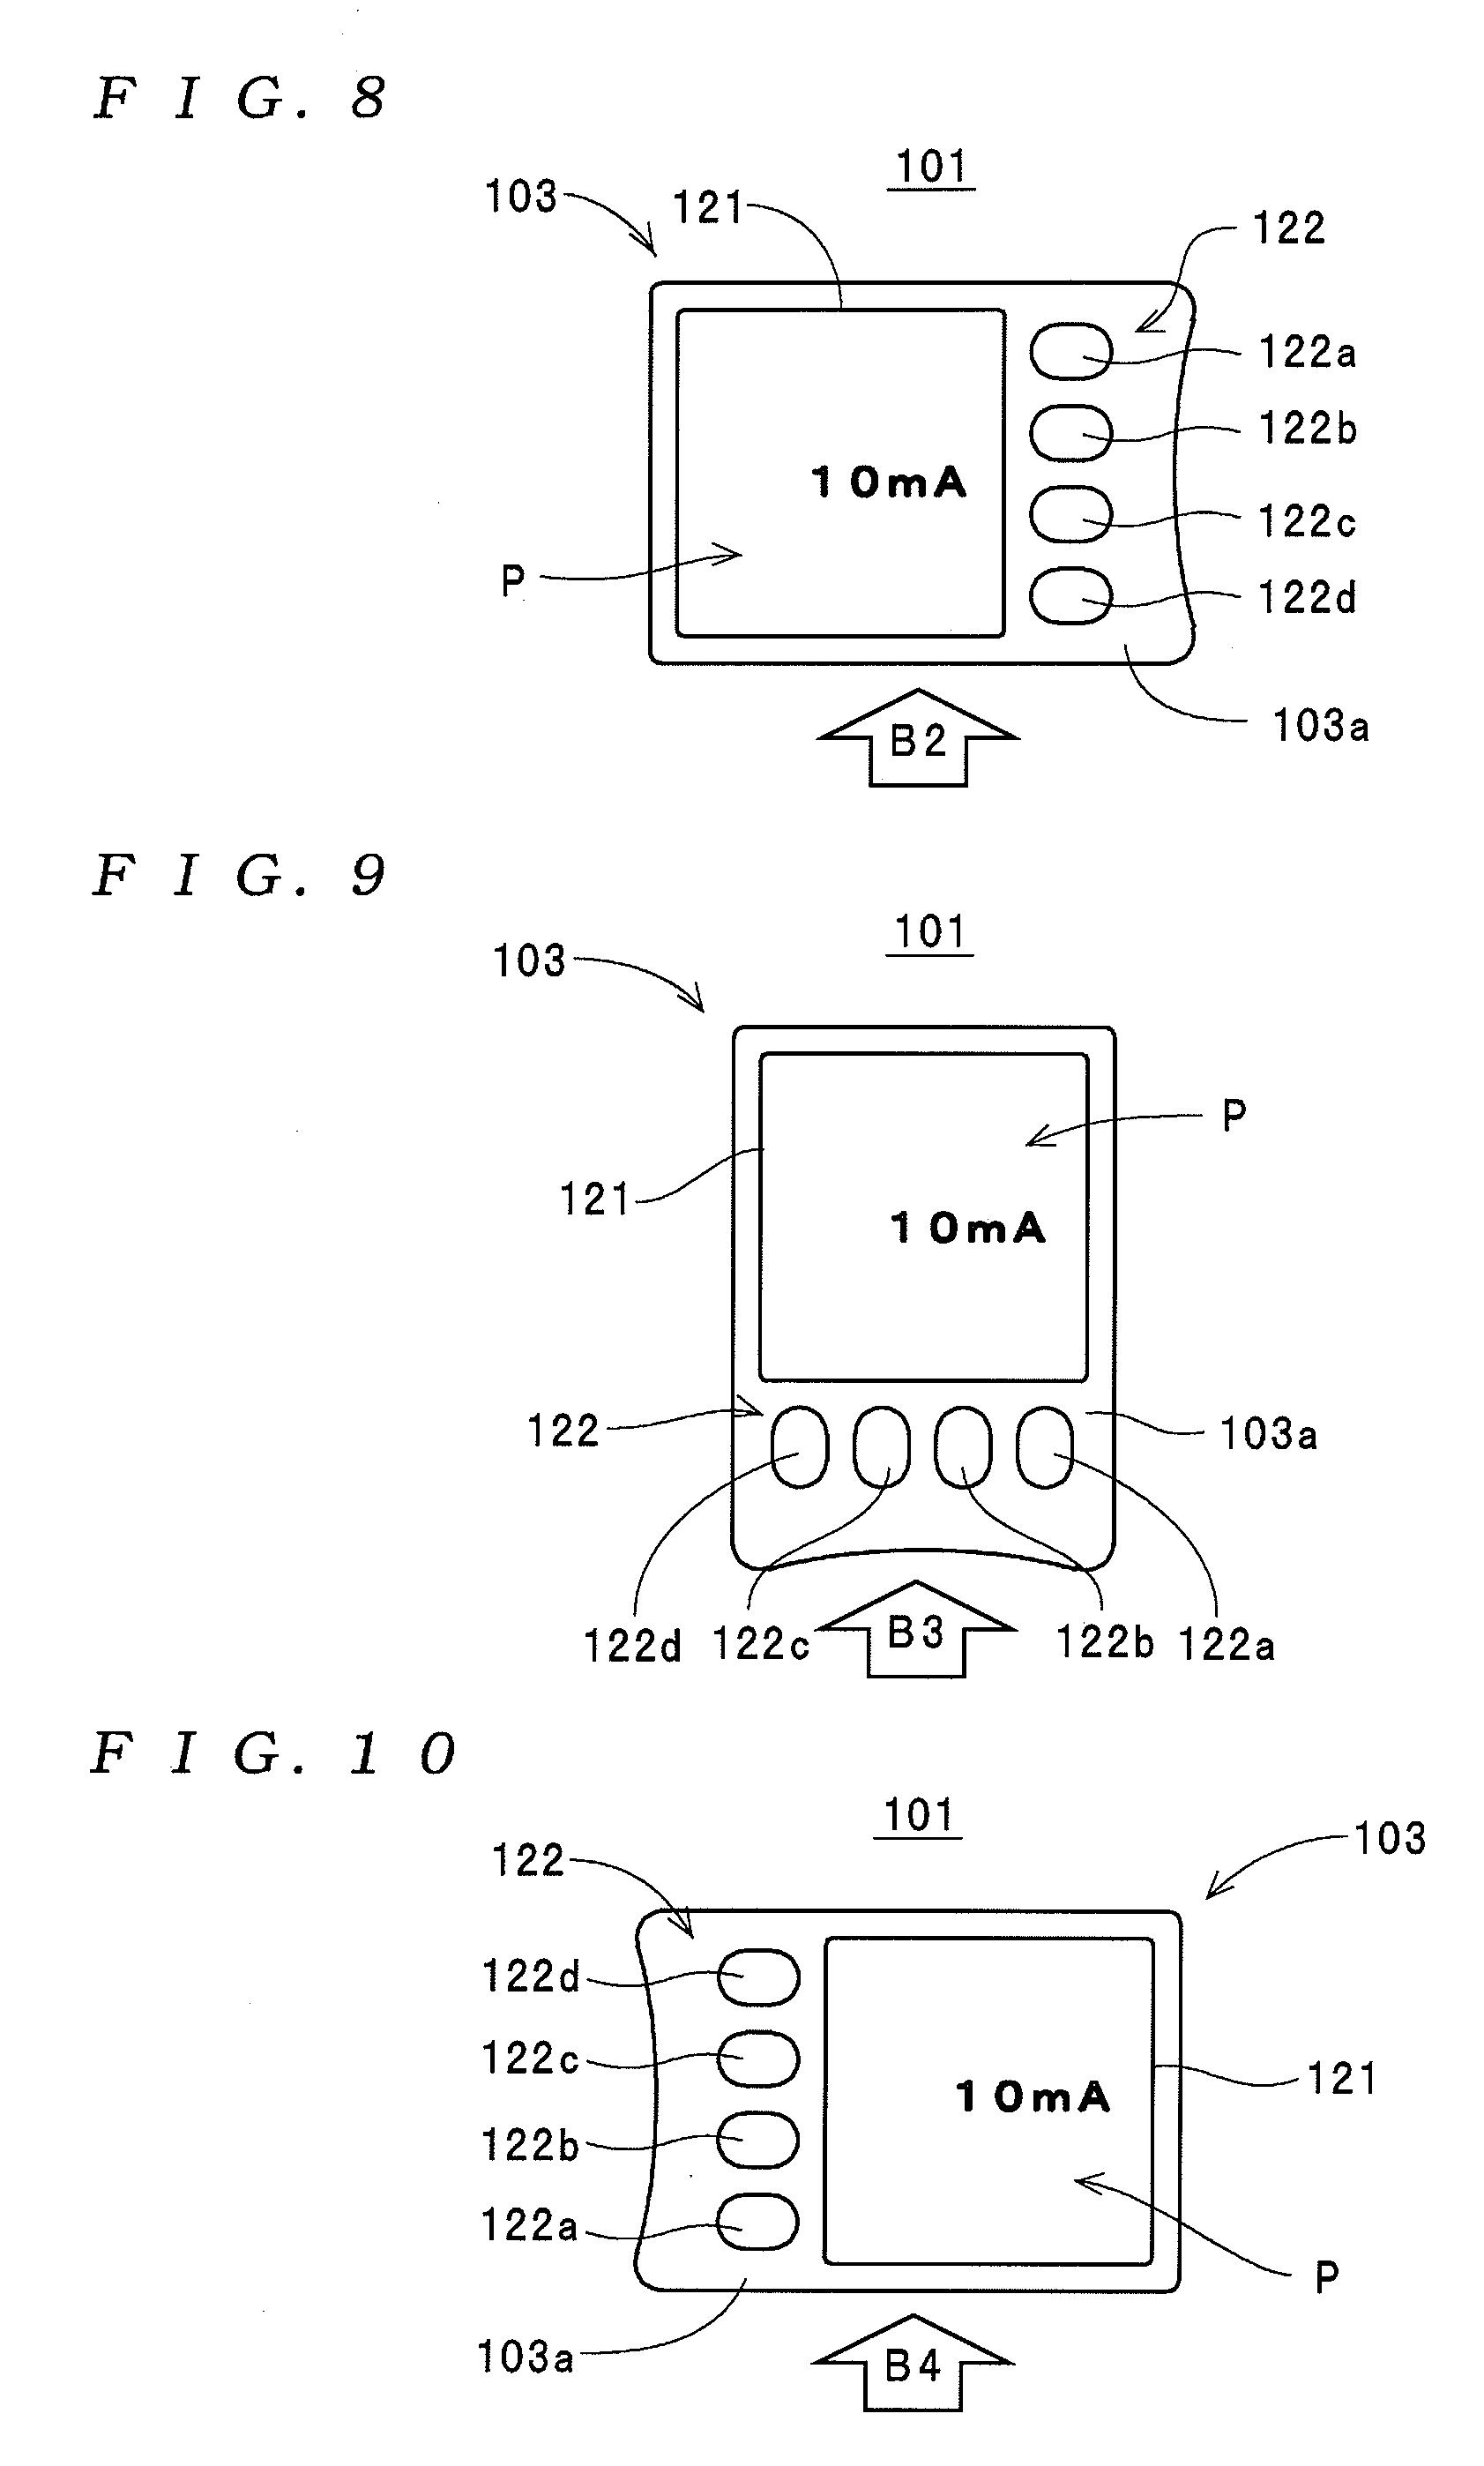 Schema Cablaggio Motore Lavatrice : Patent us  measuring apparatus google patents